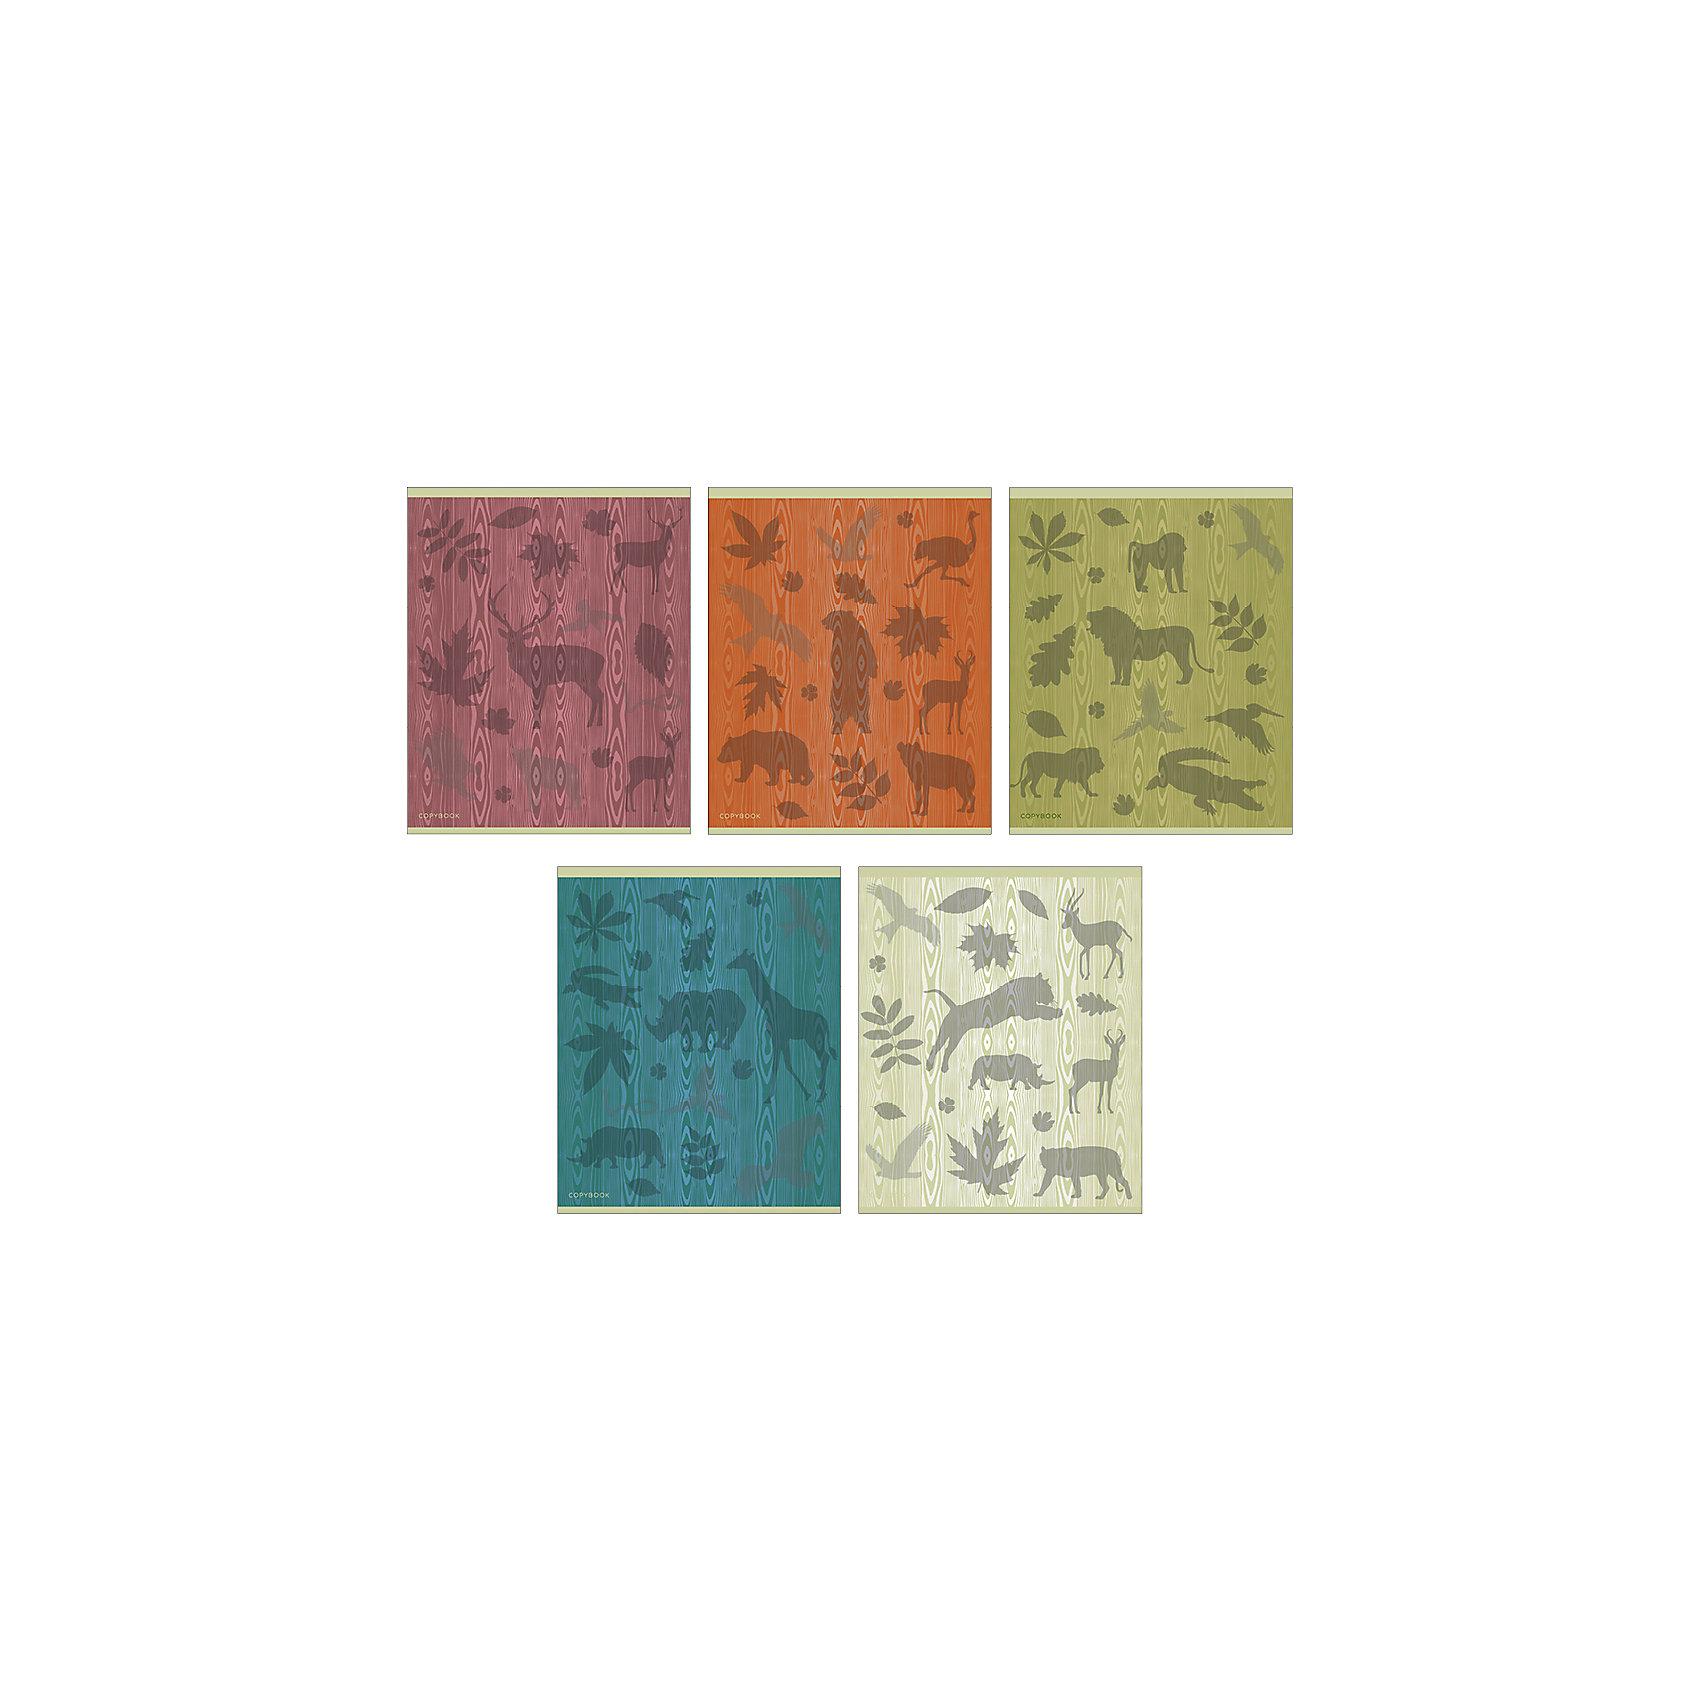 Комплект тетрадей Цвета природы (10 шт), 48 листов, Канц-ЭксмоБумажная продукция<br>Характеристики комплекта тетрадей Цвета природы:<br><br>• размеры: 20.2х16.3х3.5 см<br>• количество листов: 48 шт.<br>• разлиновка: клетка<br>• формат: А 5 <br>• комплектация: тетрадь<br>• бумага: офсет, плотностью 60 г/м2.<br>• обложка: мелованный картон, выборочный лак.<br>• бренд: Канц-Эксмо<br>• страна бренда: Россия<br>• страна производителя: Россия<br><br>Комплект тетрадей Цвета природы от производителя Канц-Эксмо выполнен в формате А5. Количество листов 48, тетради в клетку с полями. Крепление: скрепка. Обложка у изделий плотная - мелованный картон, выборочный лак <br><br>Комплект тетрадей Цвета природы от производителя Канц-Эксмо можно купить в нашем интернет-магазине.<br><br>Ширина мм: 202<br>Глубина мм: 165<br>Высота мм: 40<br>Вес г: 103<br>Возраст от месяцев: 72<br>Возраст до месяцев: 2147483647<br>Пол: Унисекс<br>Возраст: Детский<br>SKU: 5448423